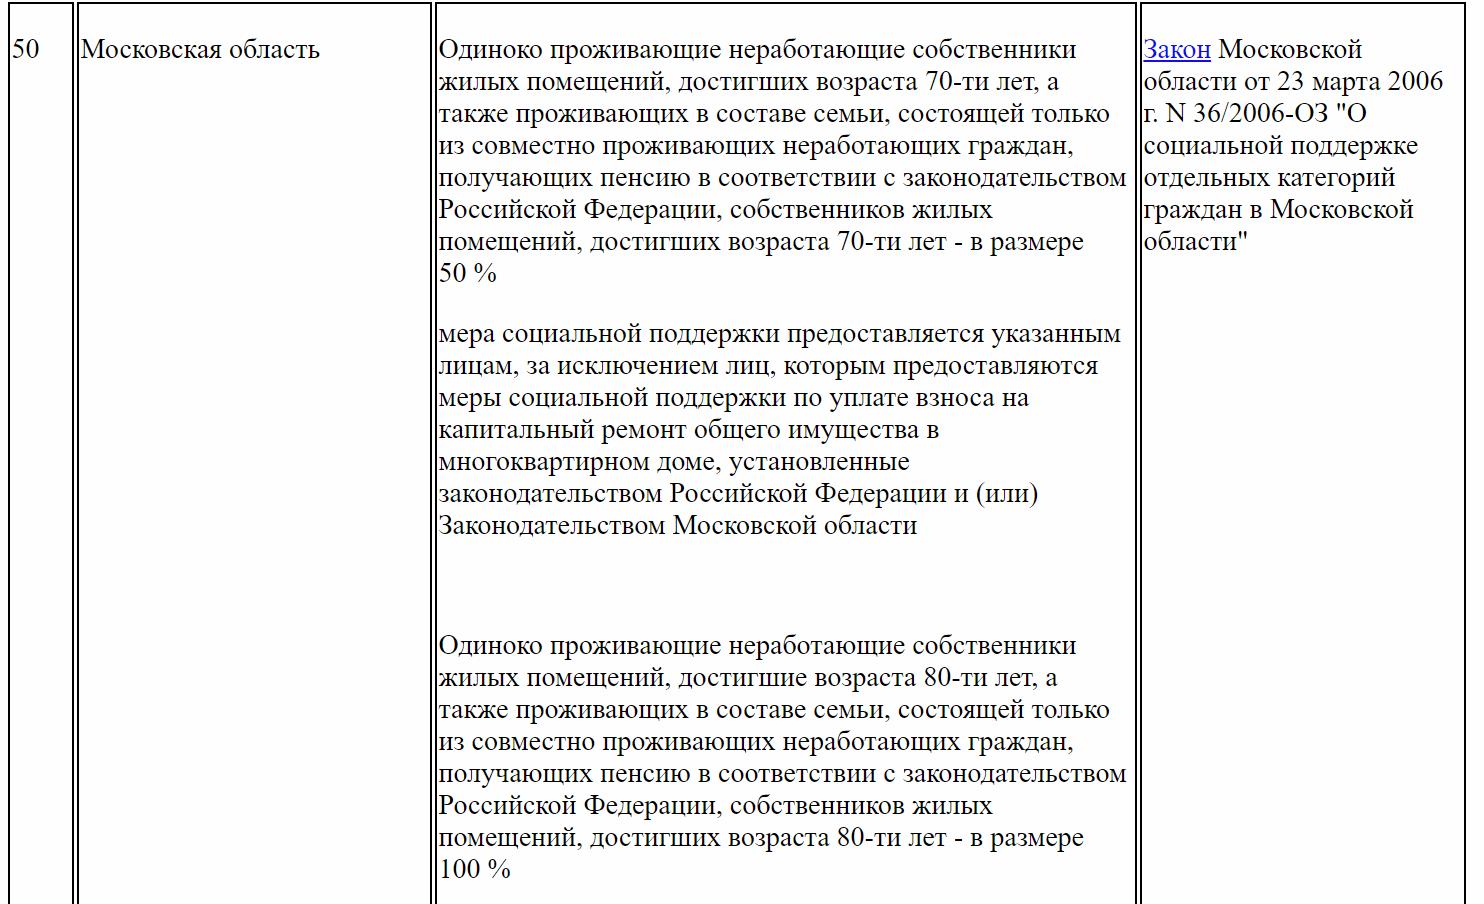 Льготы по взносам в Москве